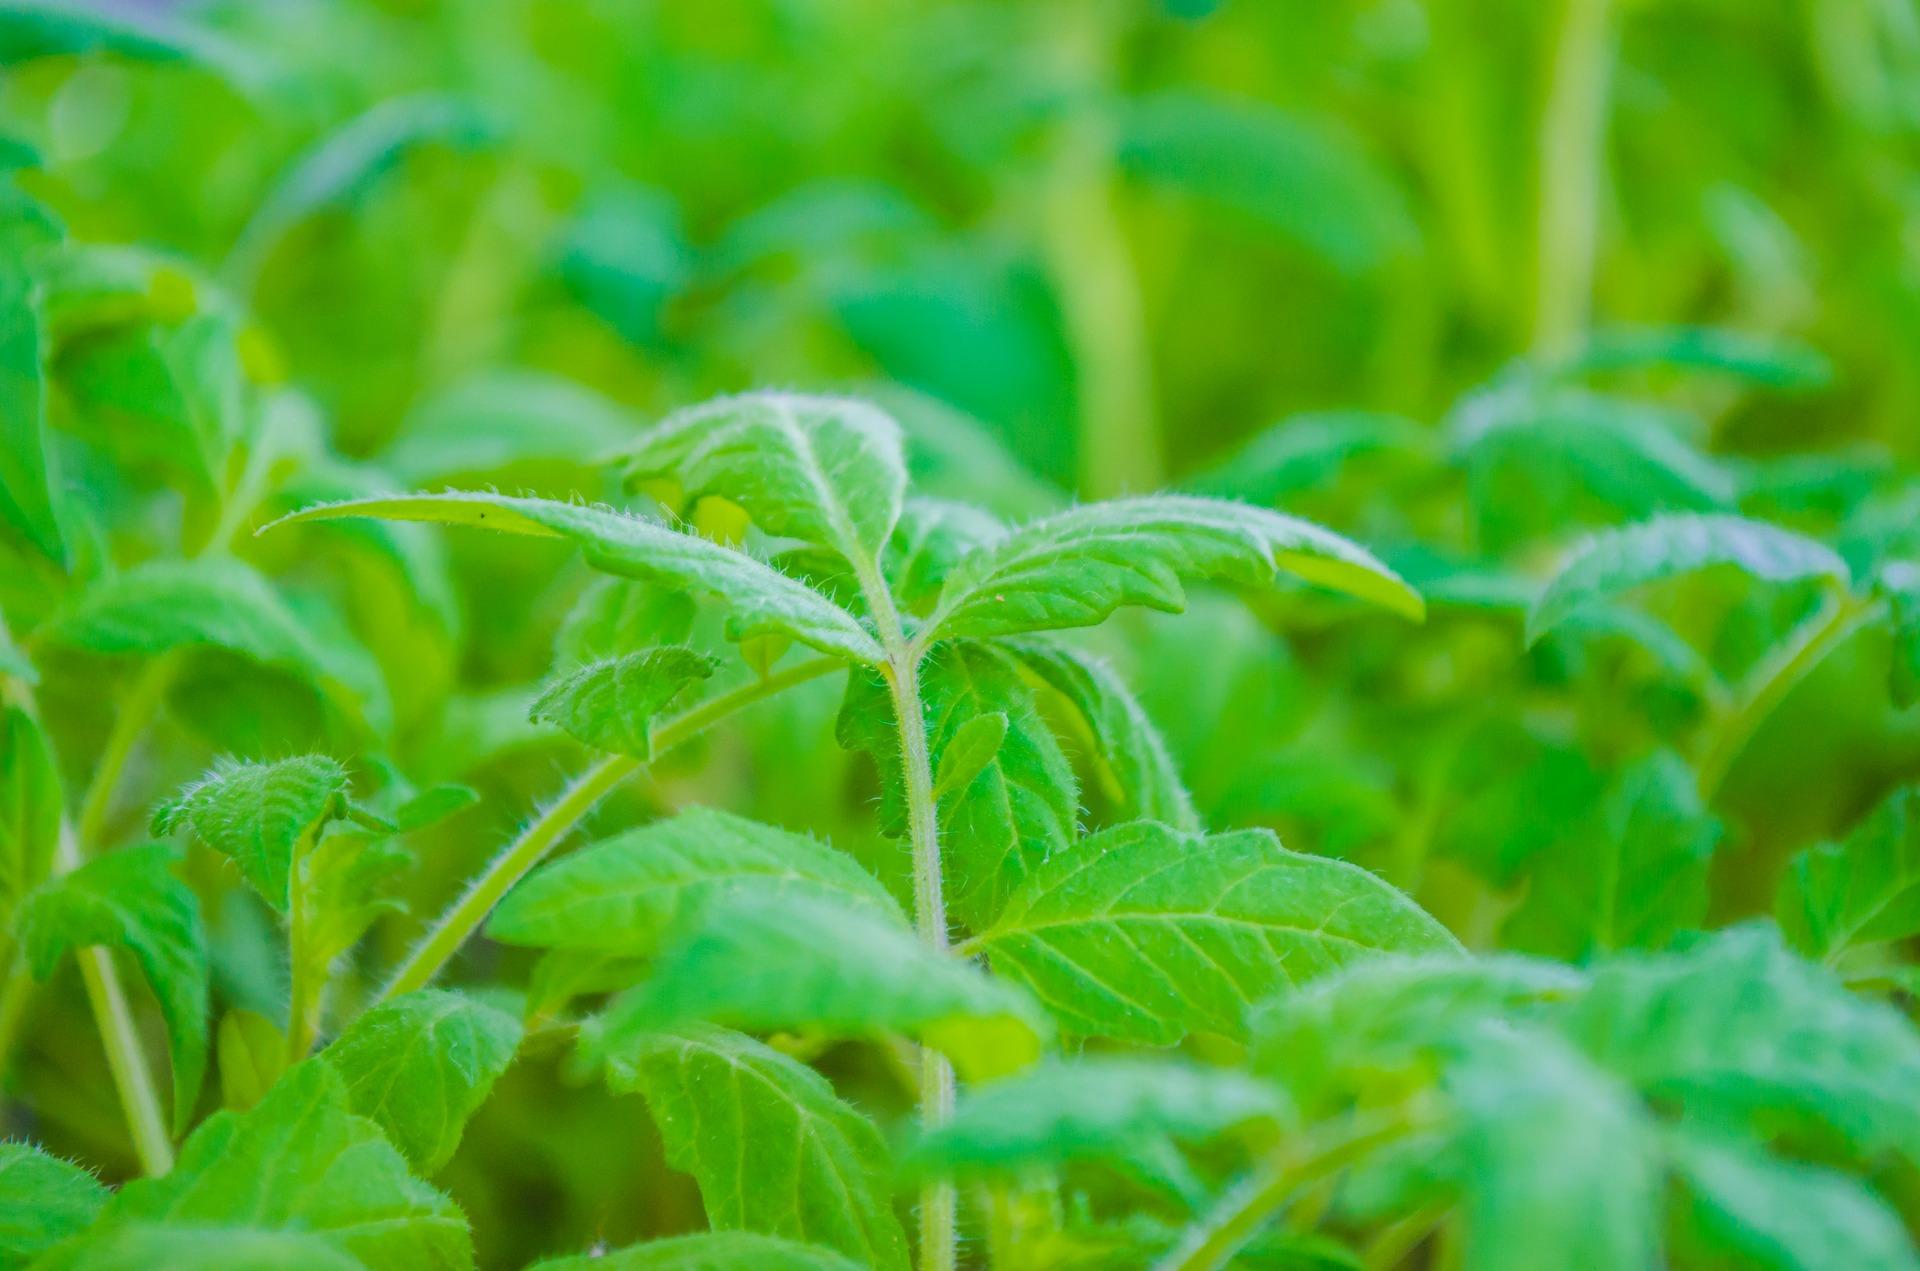 tomato-plants-334392_1920